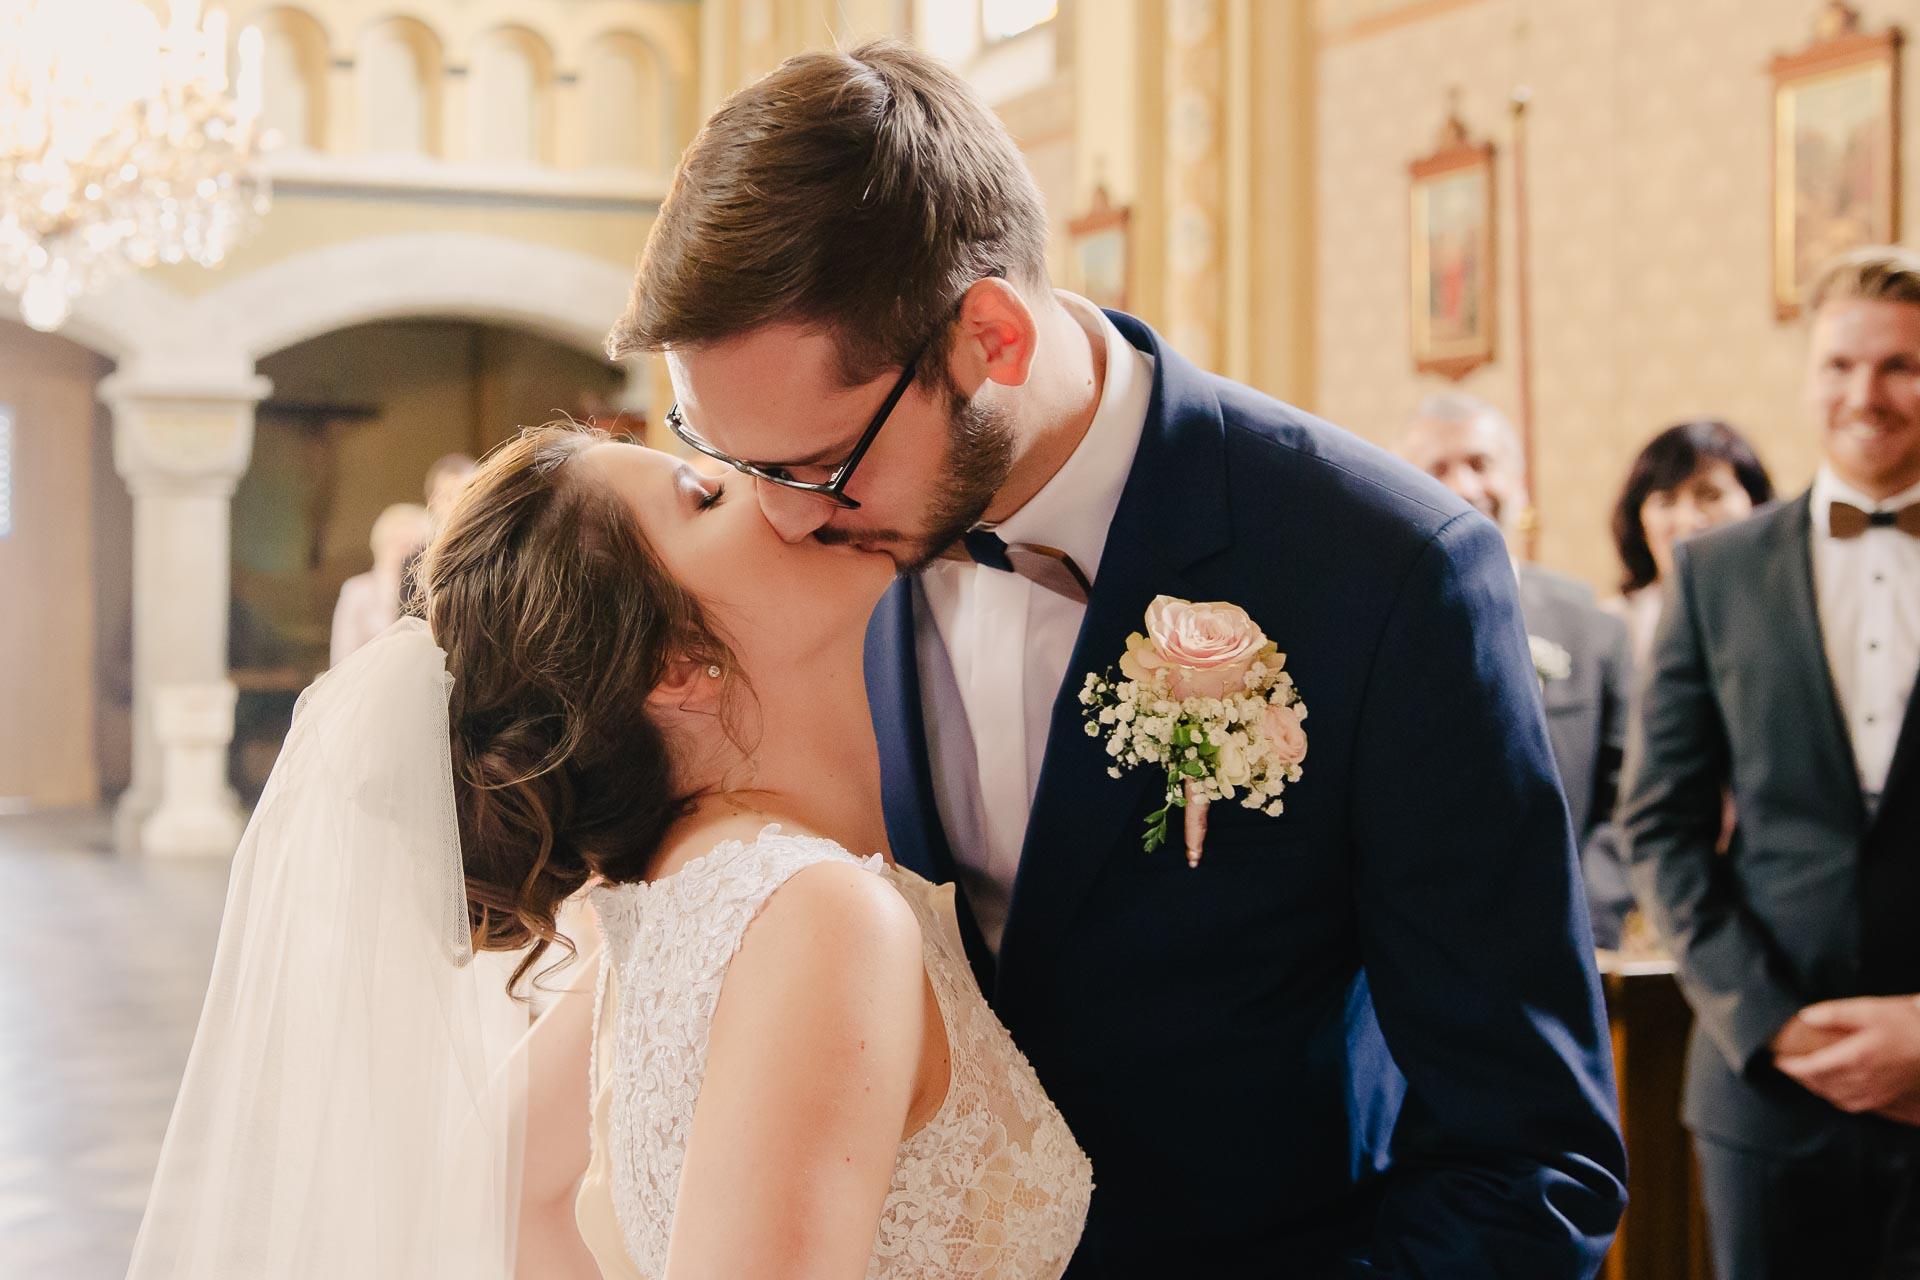 svatební fotograf Praha,svatba střední čechy, církevní obřad, svatba v kostele, nejhezčí svatební fotografie-2383